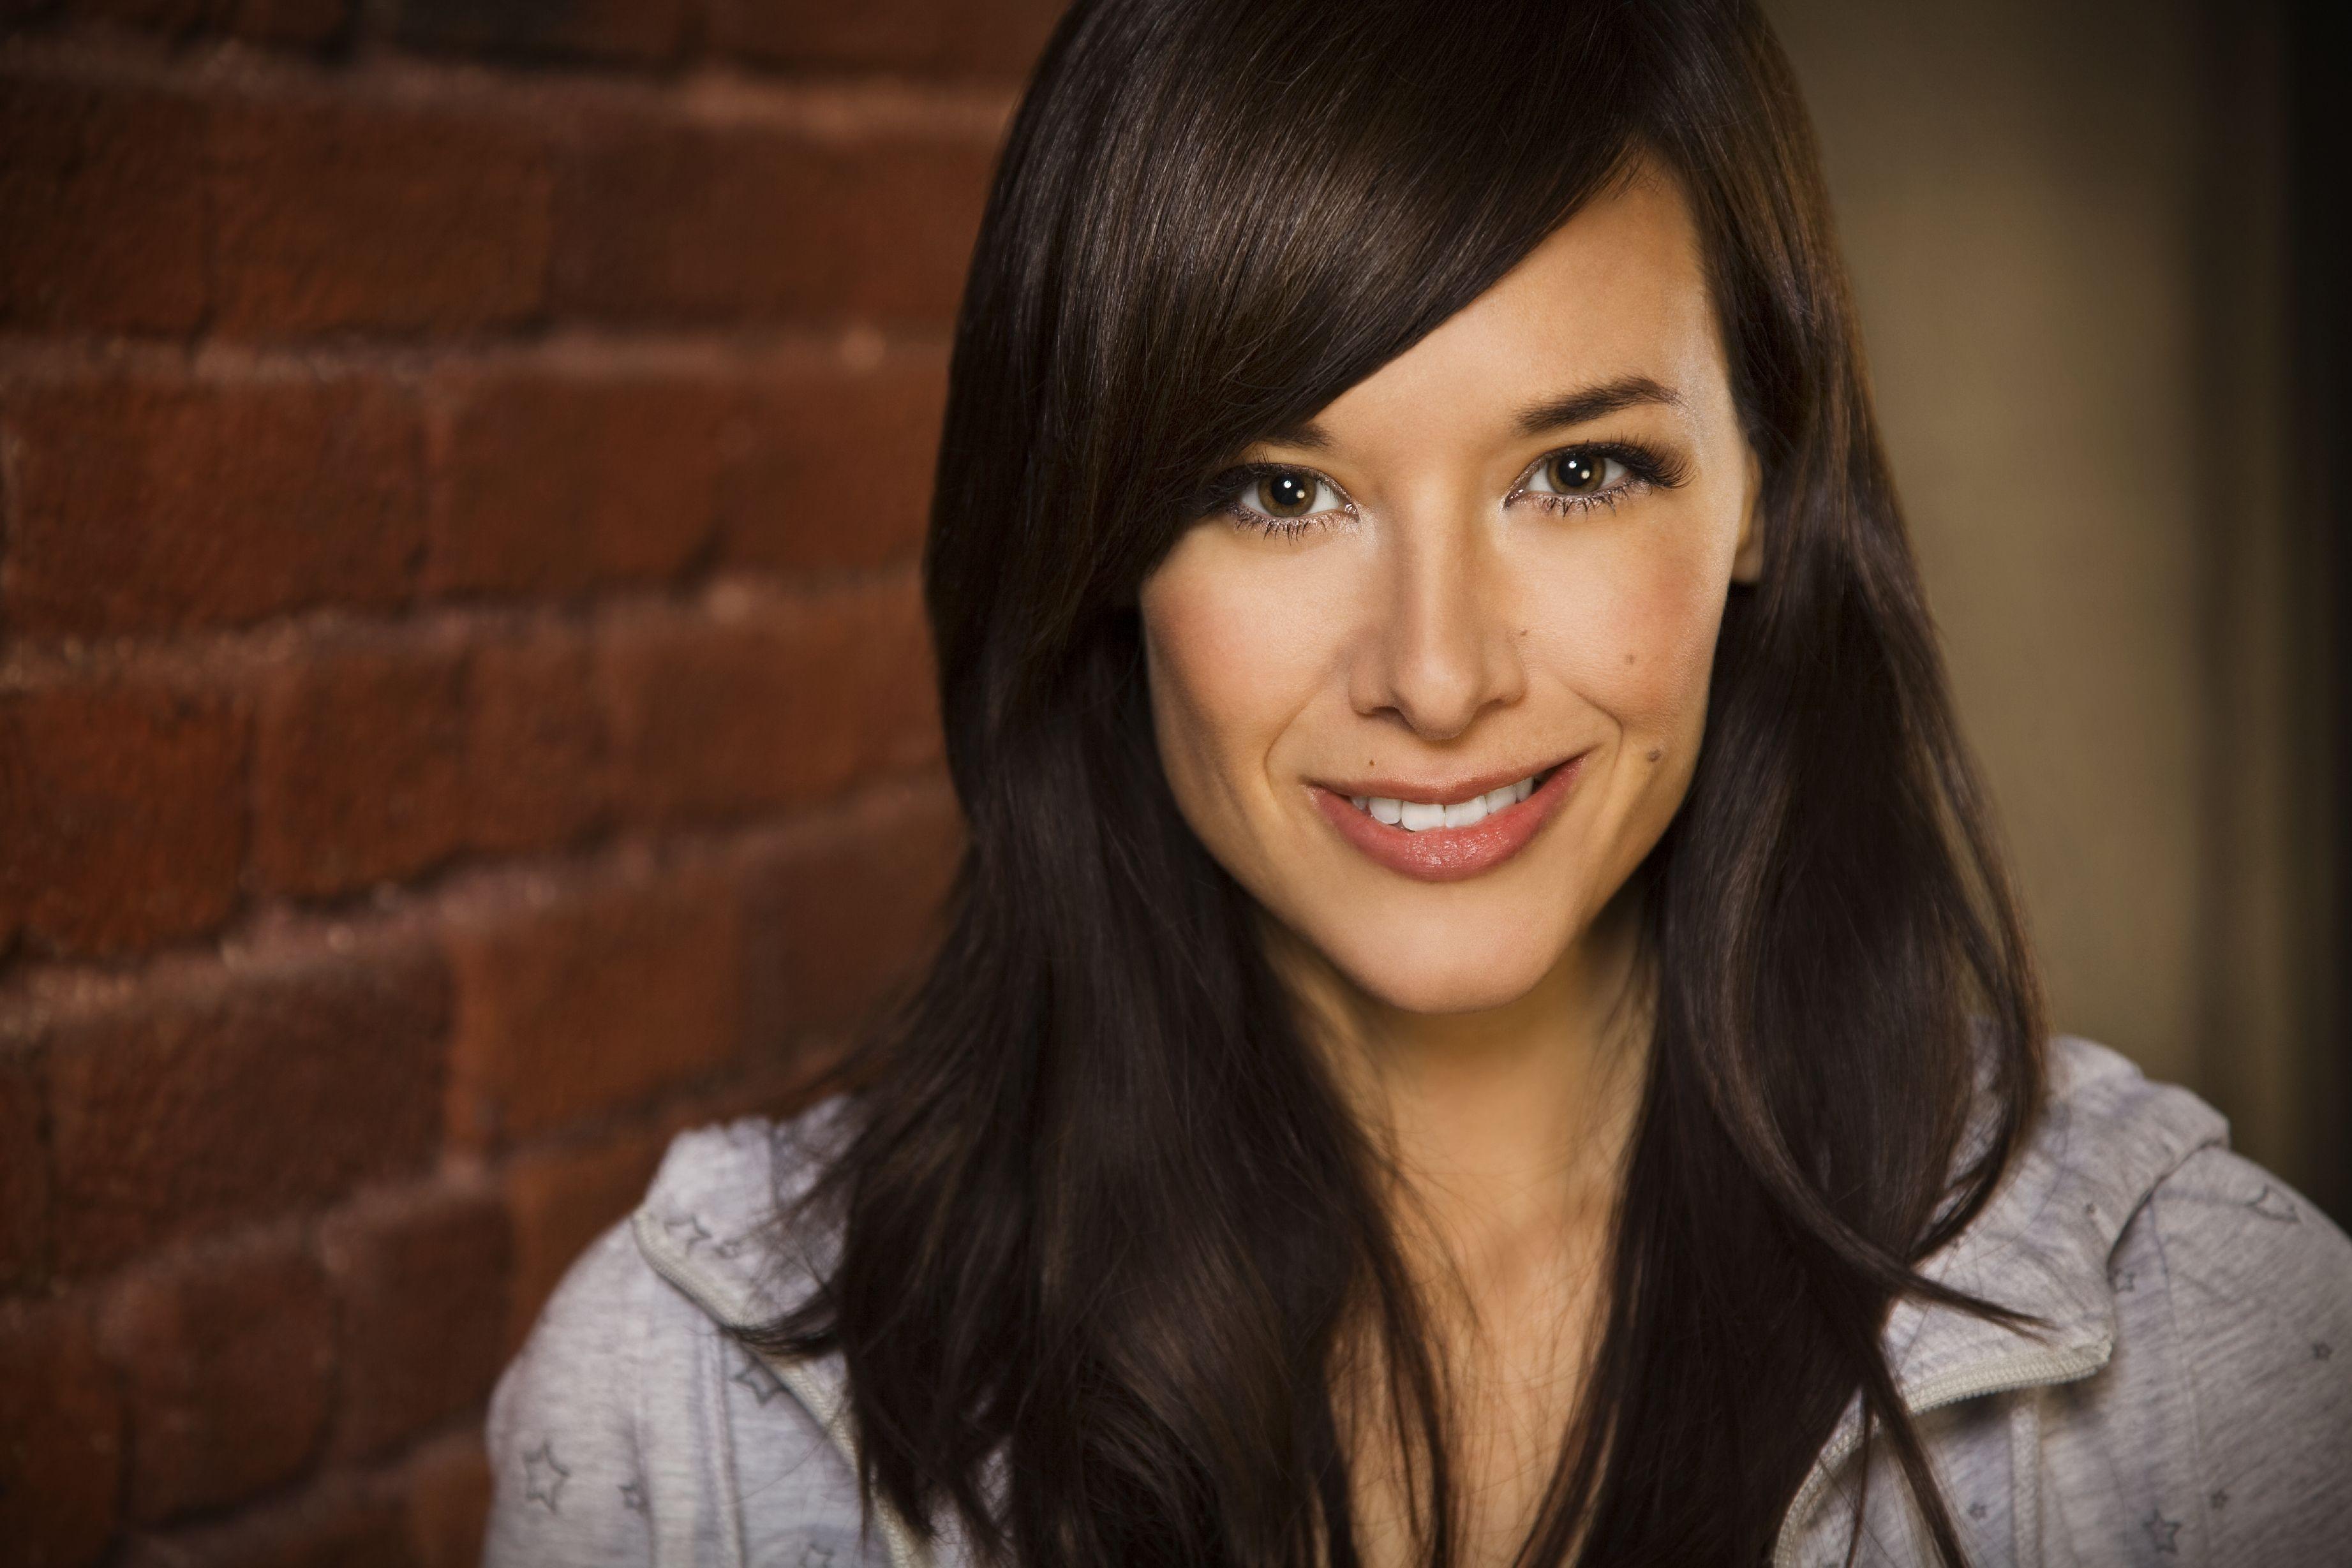 Jade Raymond odchodzi z Ubisoftu. Oto arcyciekawa historia twórczyni serii Assassin's Creed